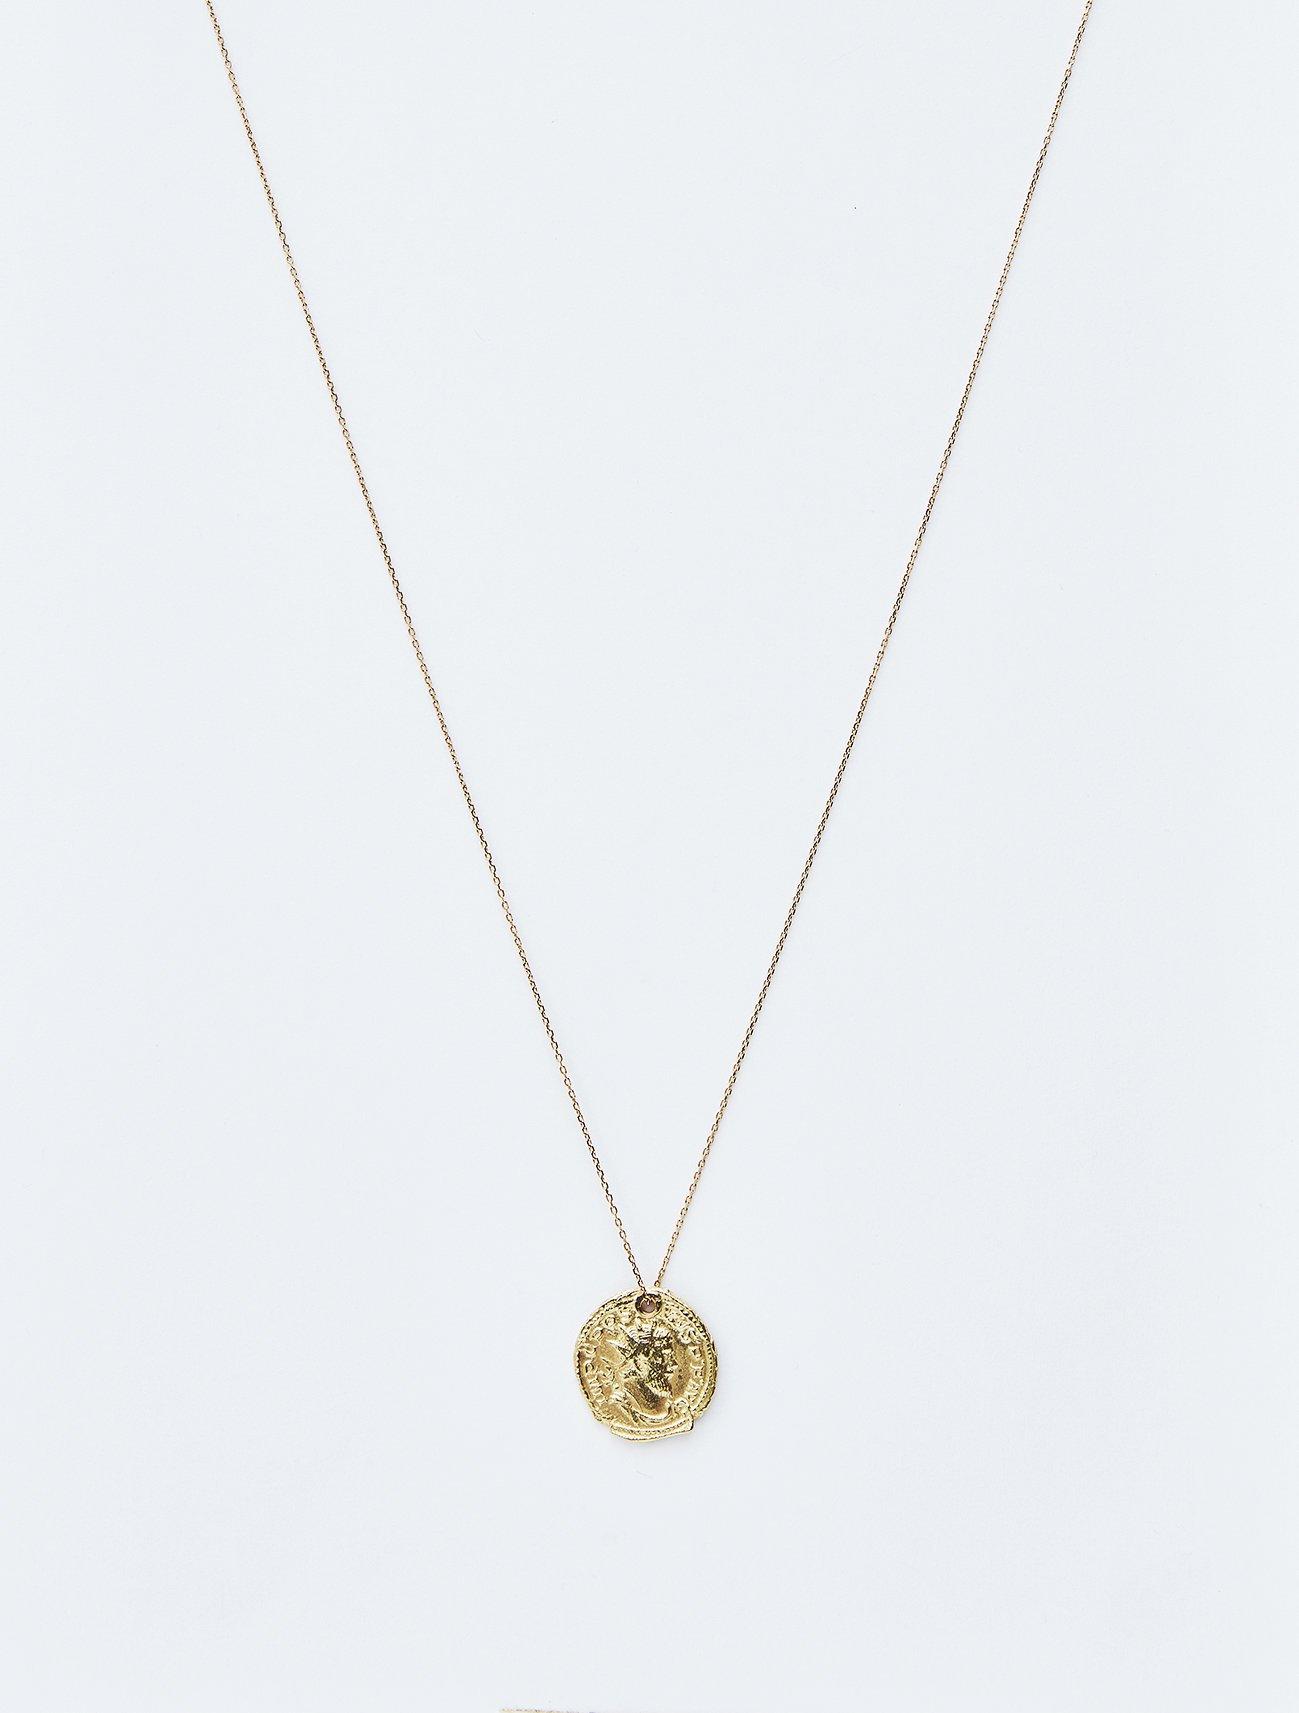 HELIOS / Roman coin necklace / ANTONINIANO / 在庫商品